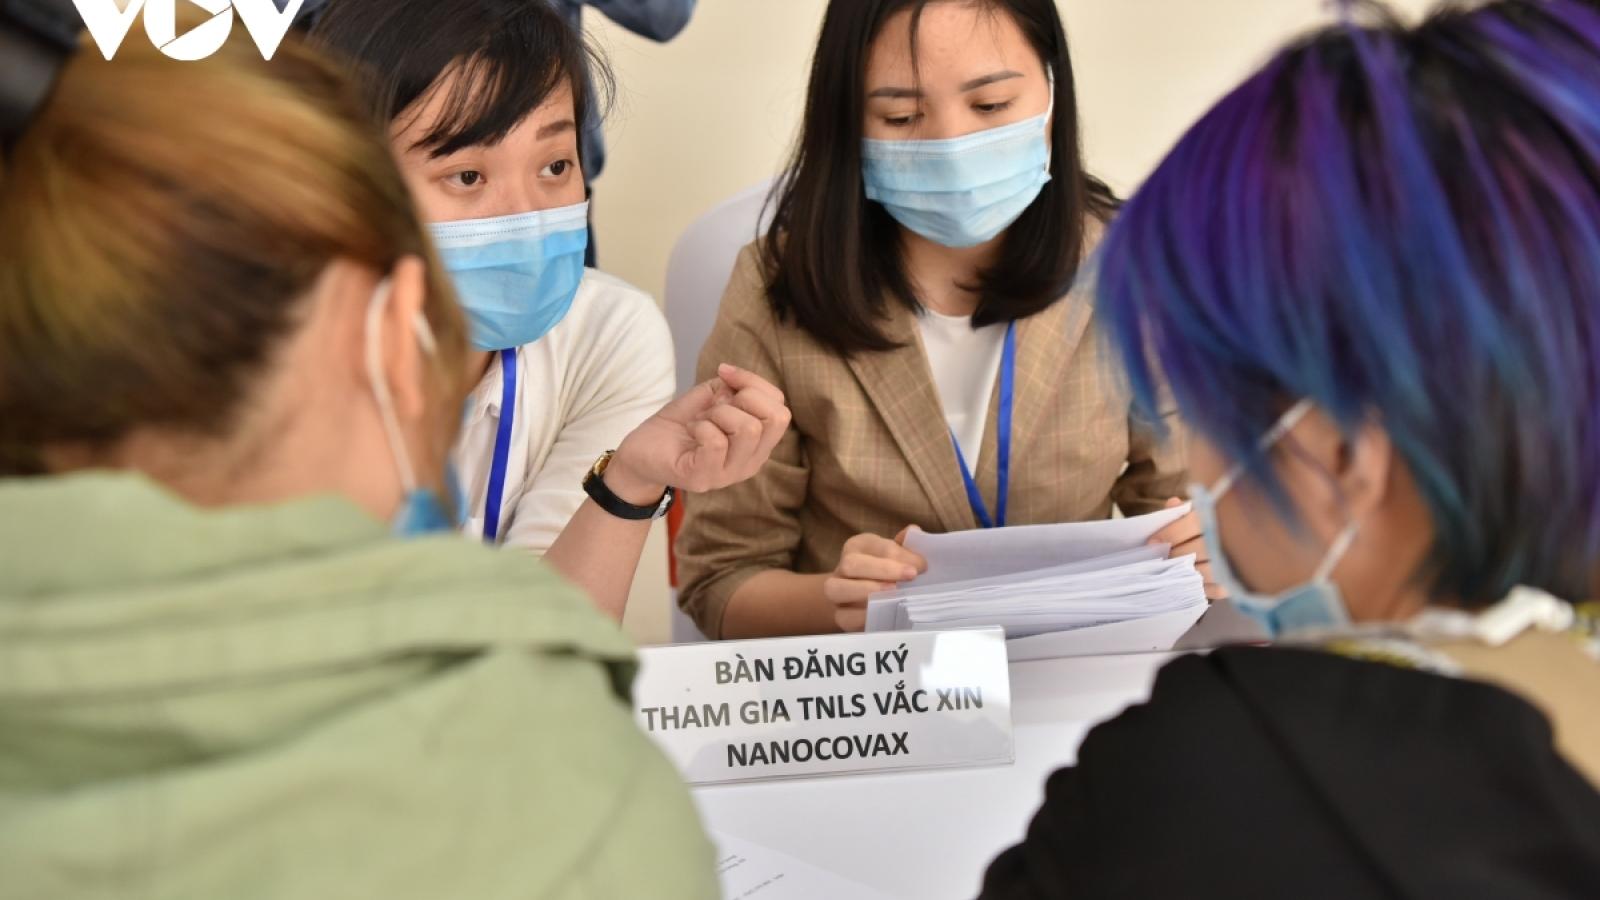 Ngày 12/1, tiêm thử nghiệm vaccine Nanocovax liều cao nhất